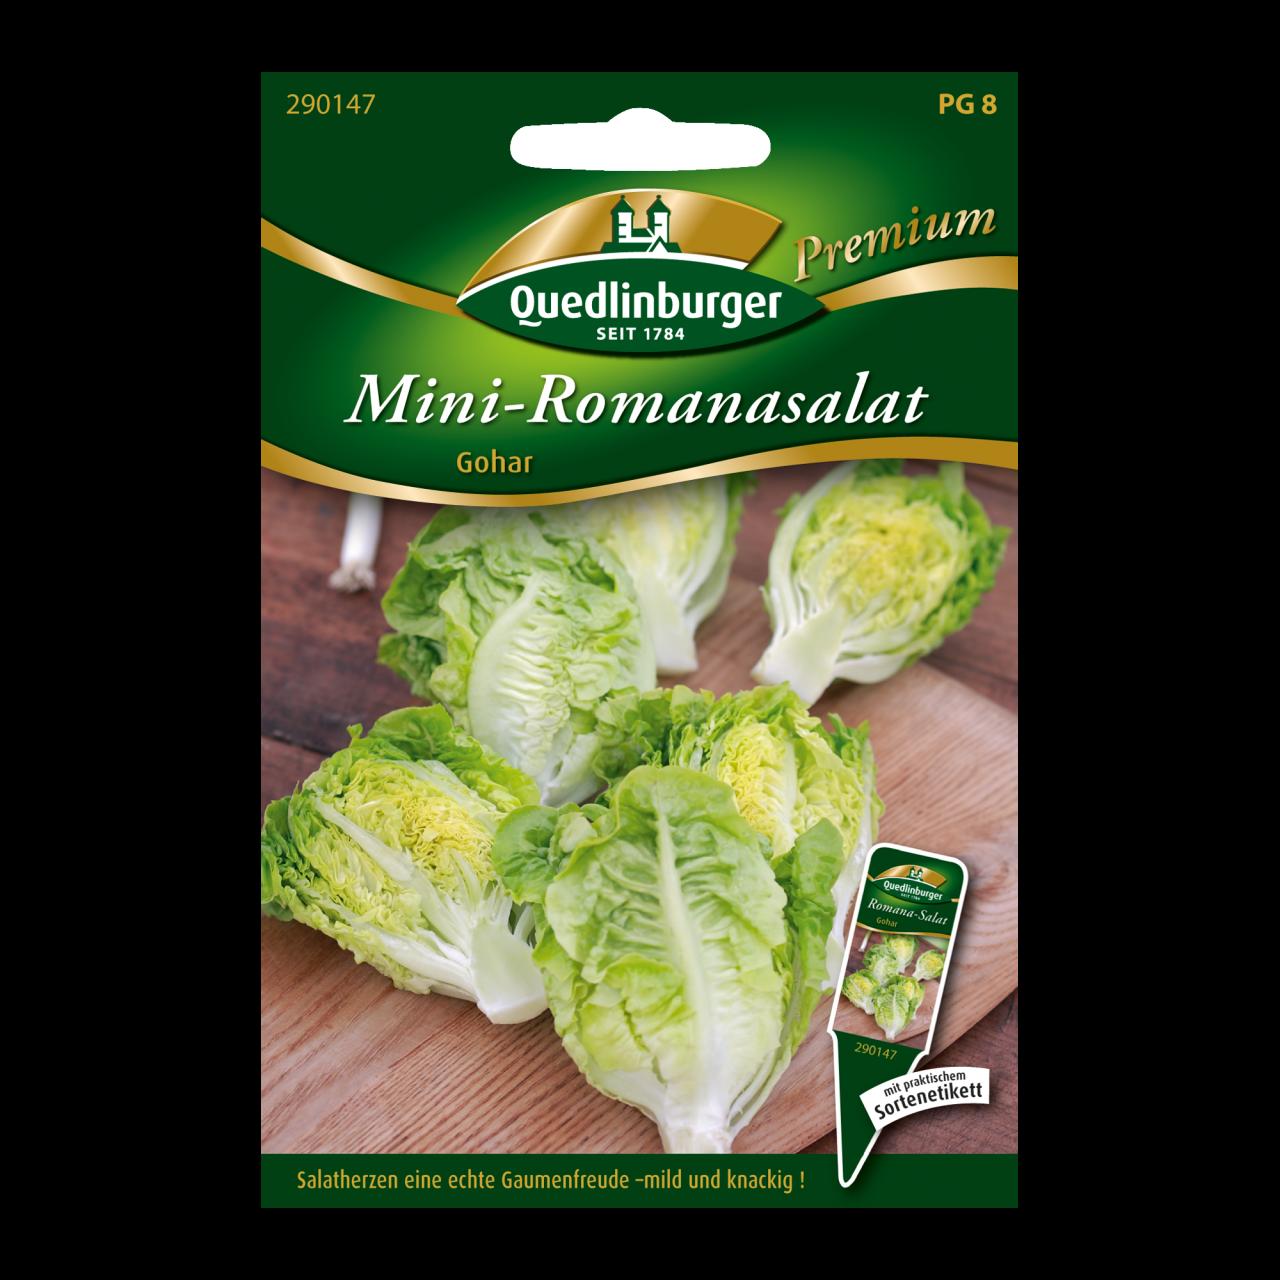 Quedlinburger Saatgut - Mini-Romanasalat